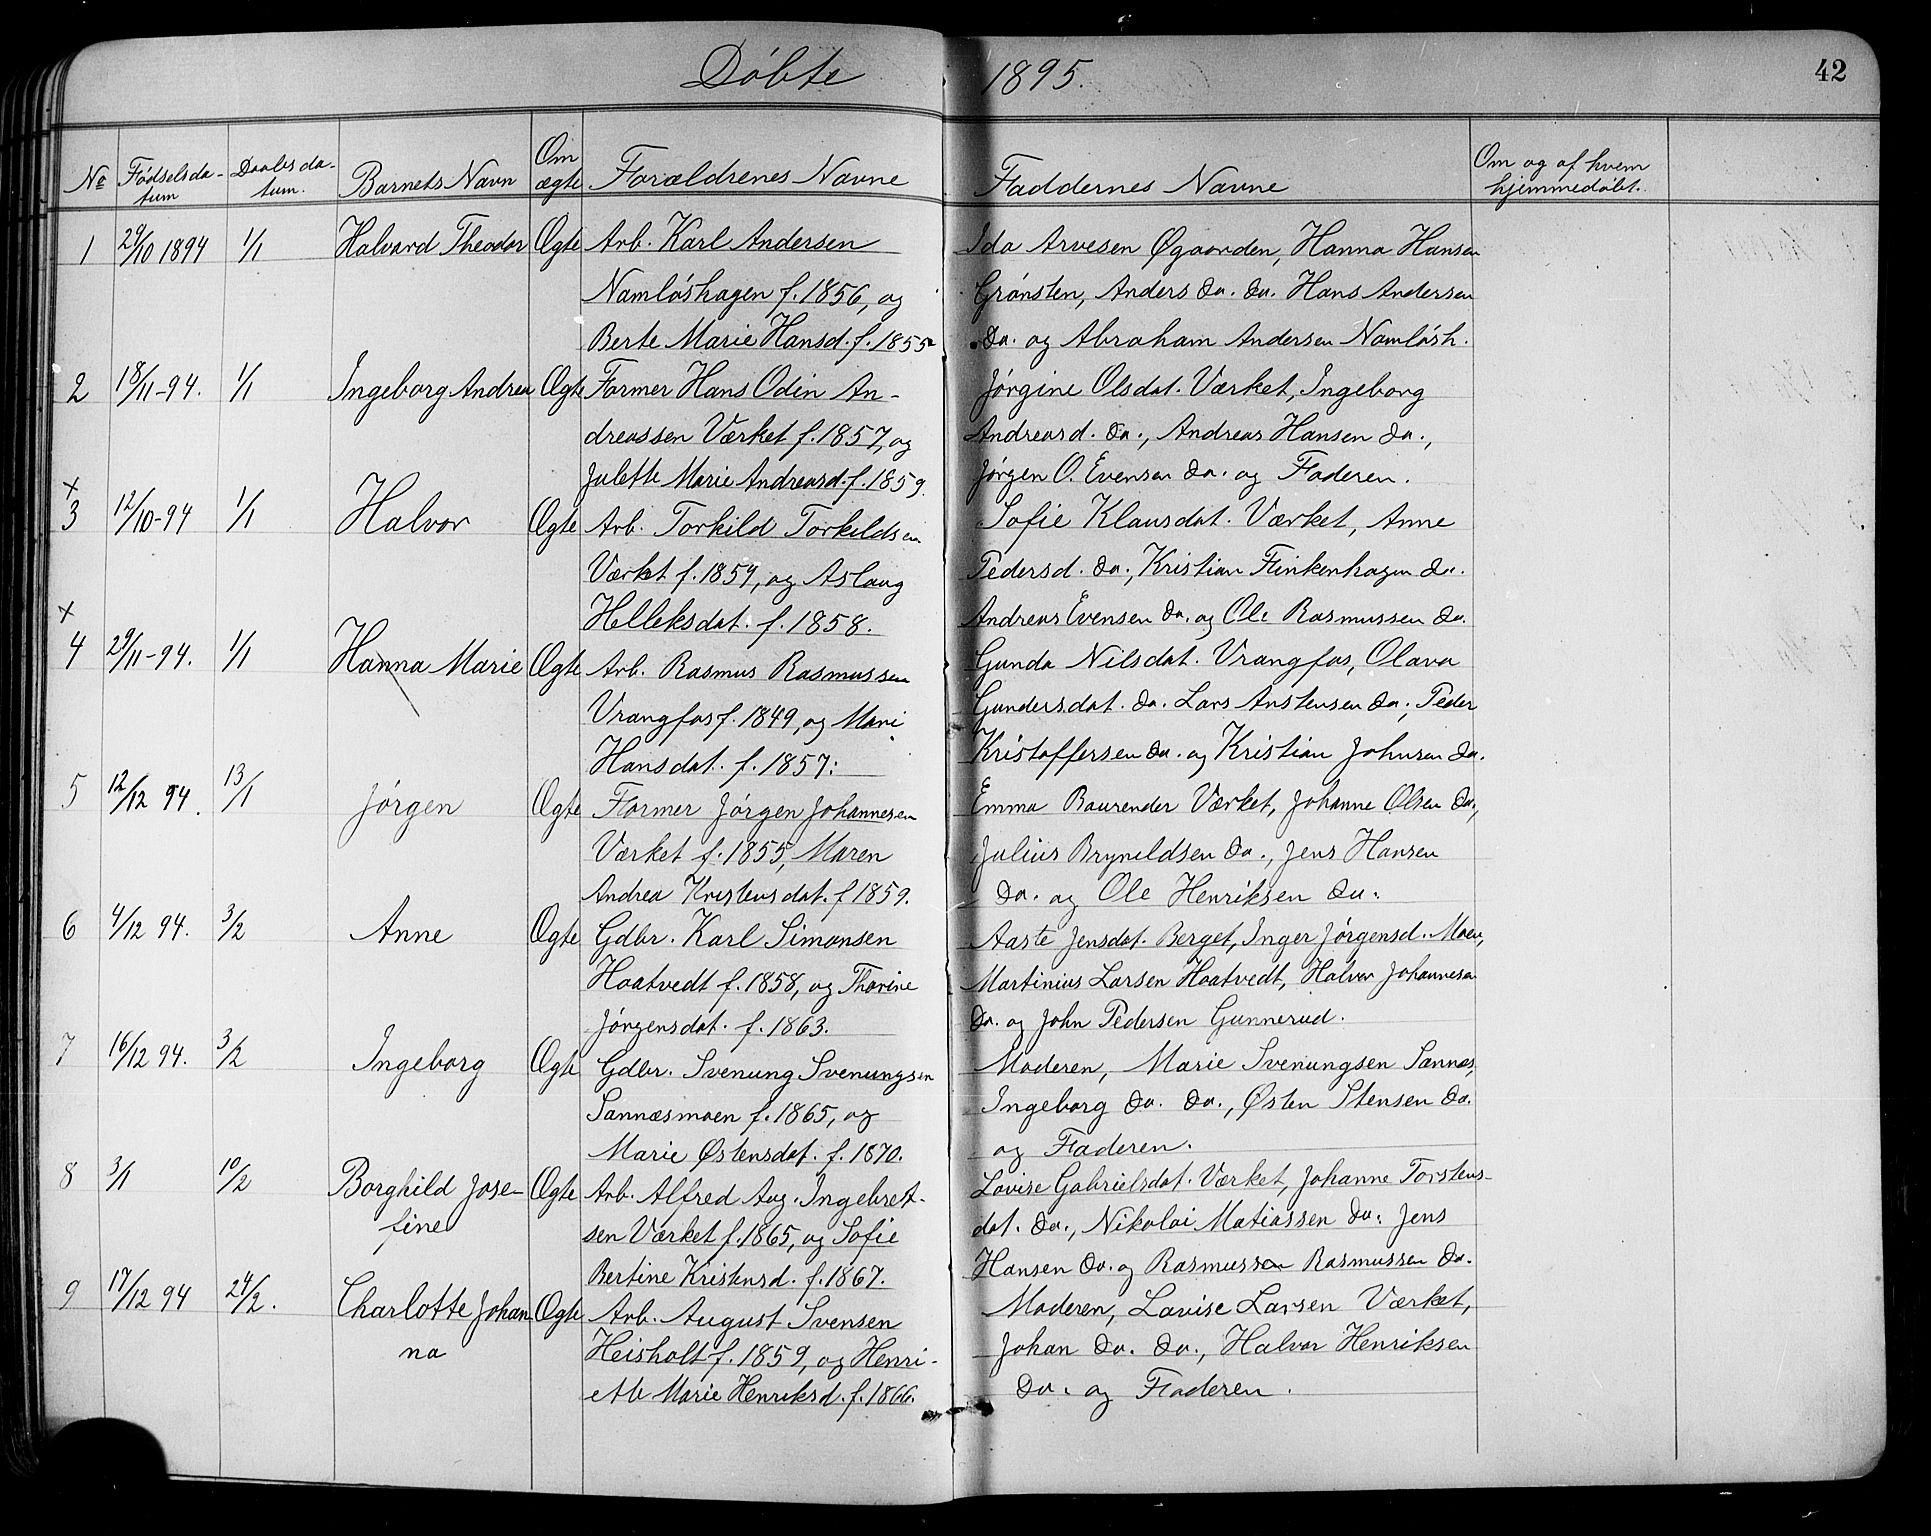 SAKO, Holla kirkebøker, G/Ga/L0005: Klokkerbok nr. I 5, 1891-1917, s. 42